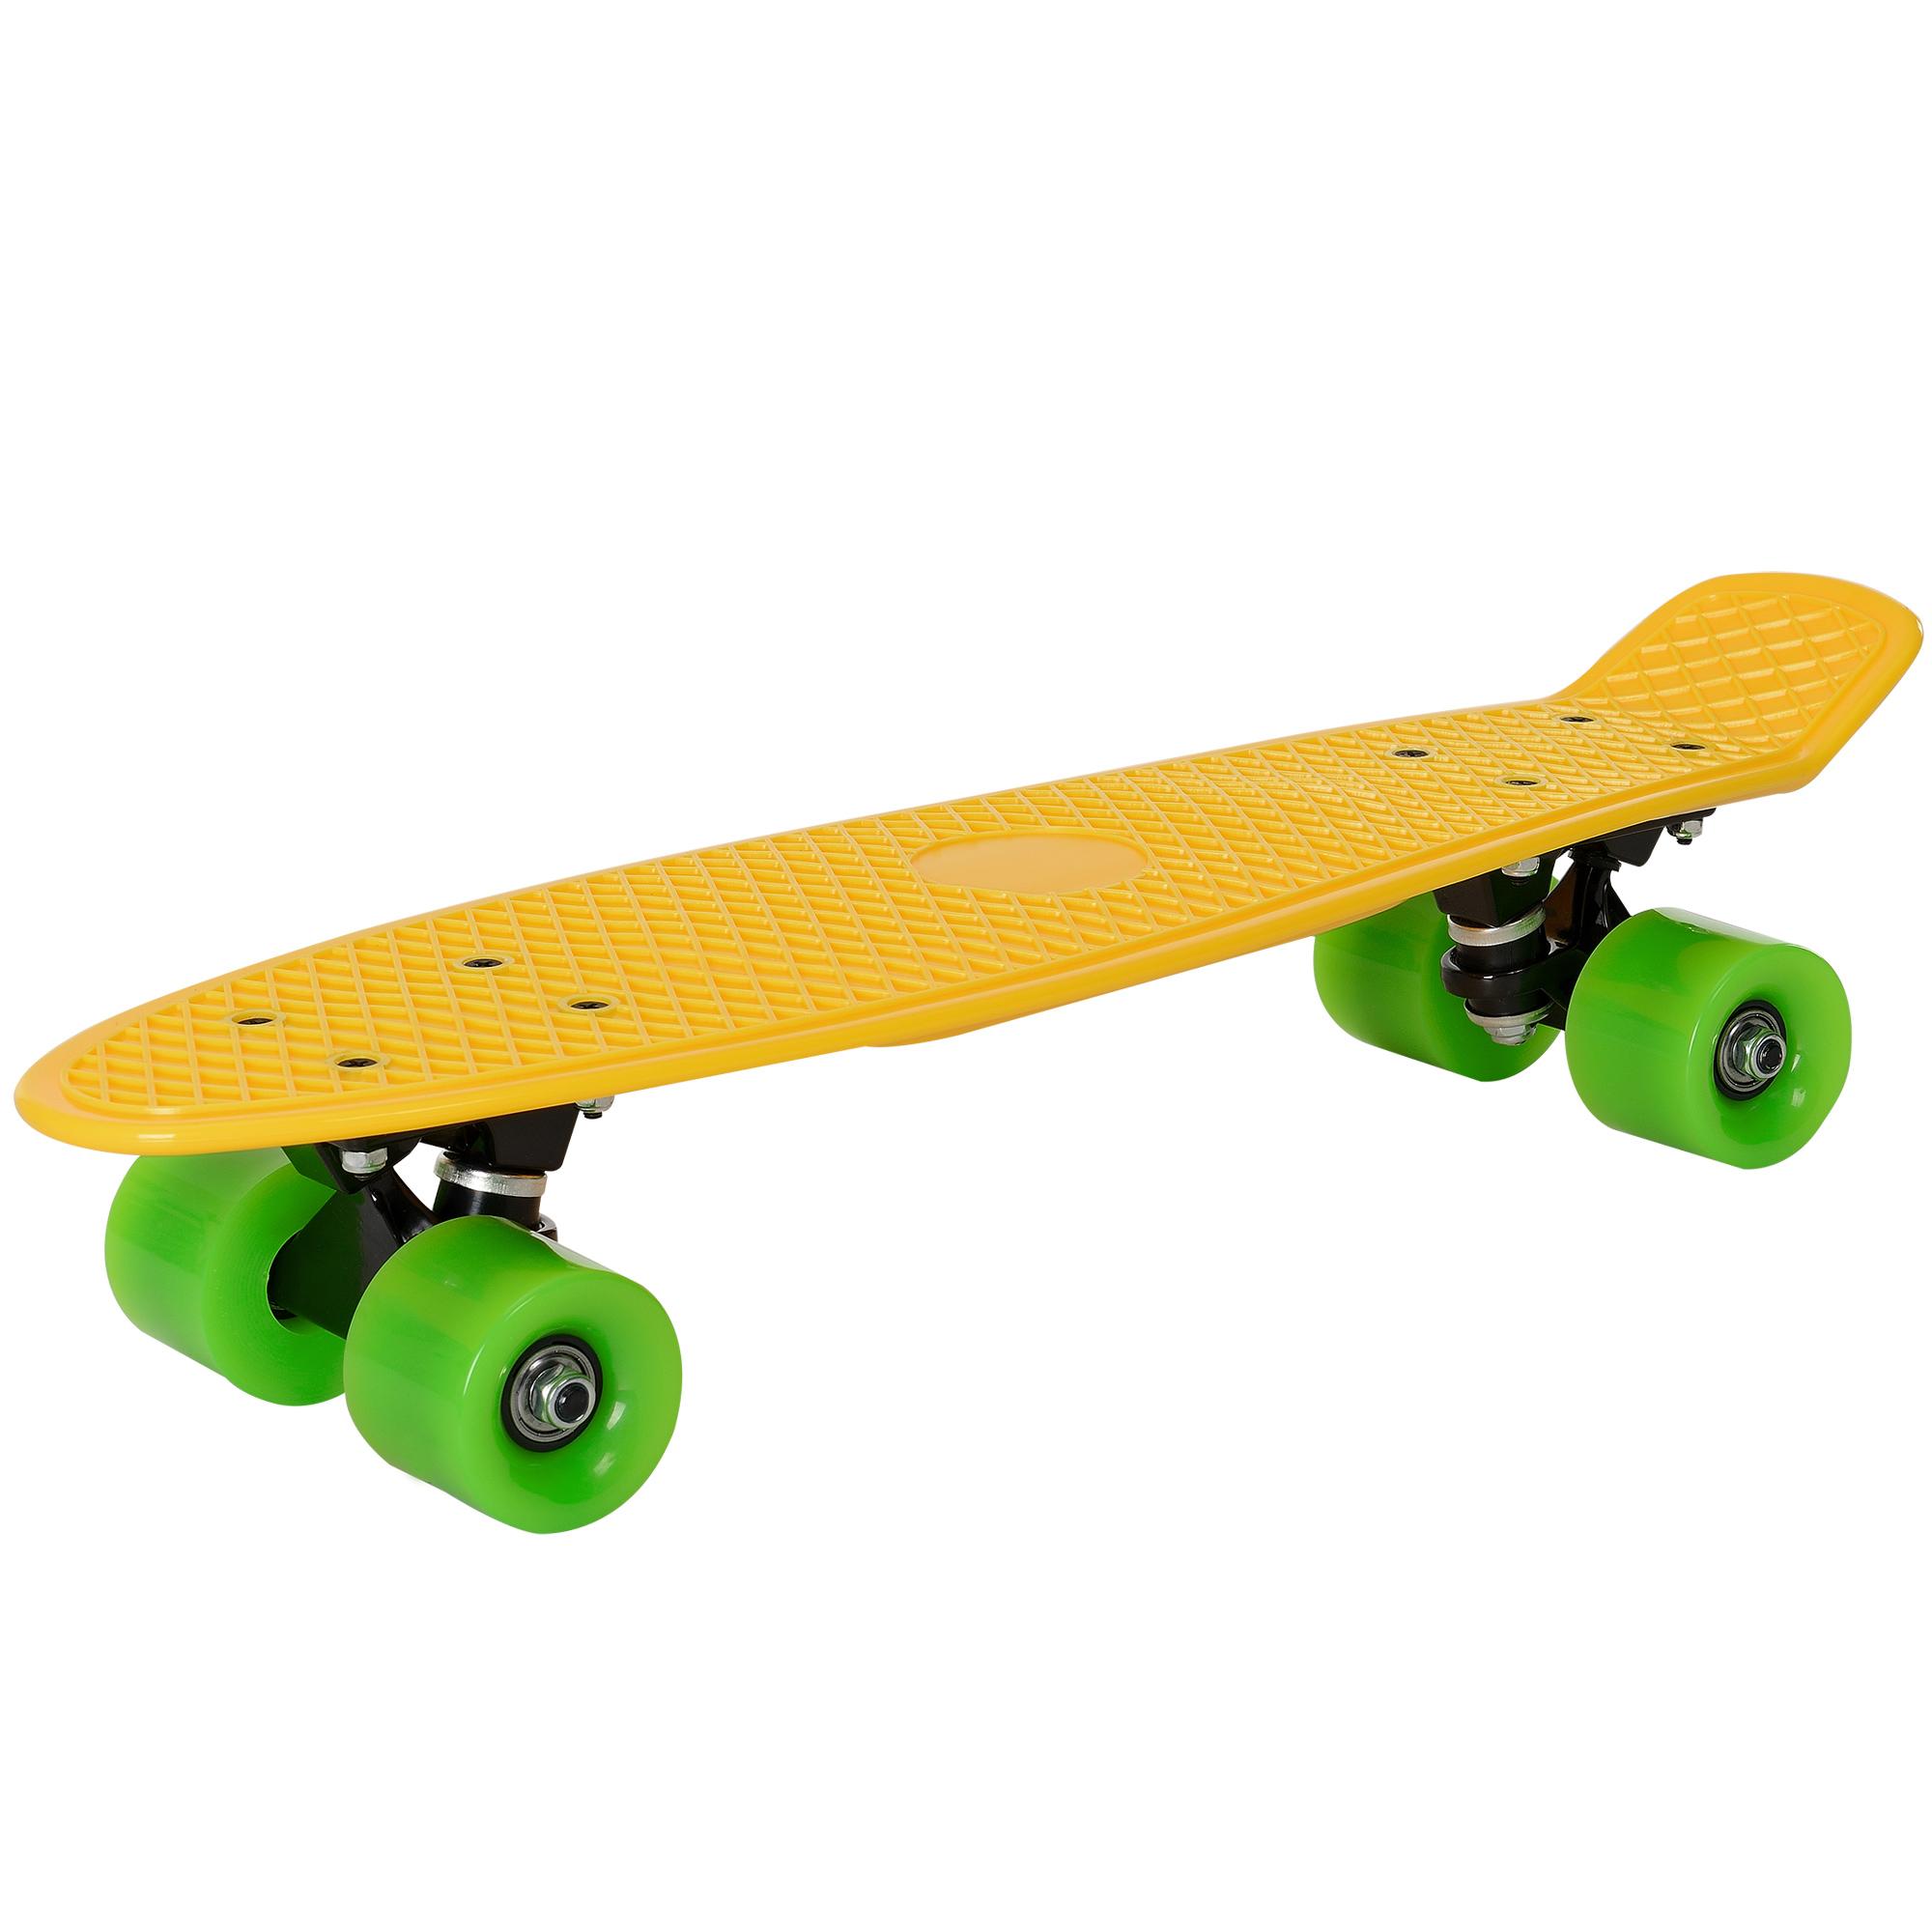 Vintage skate boards you